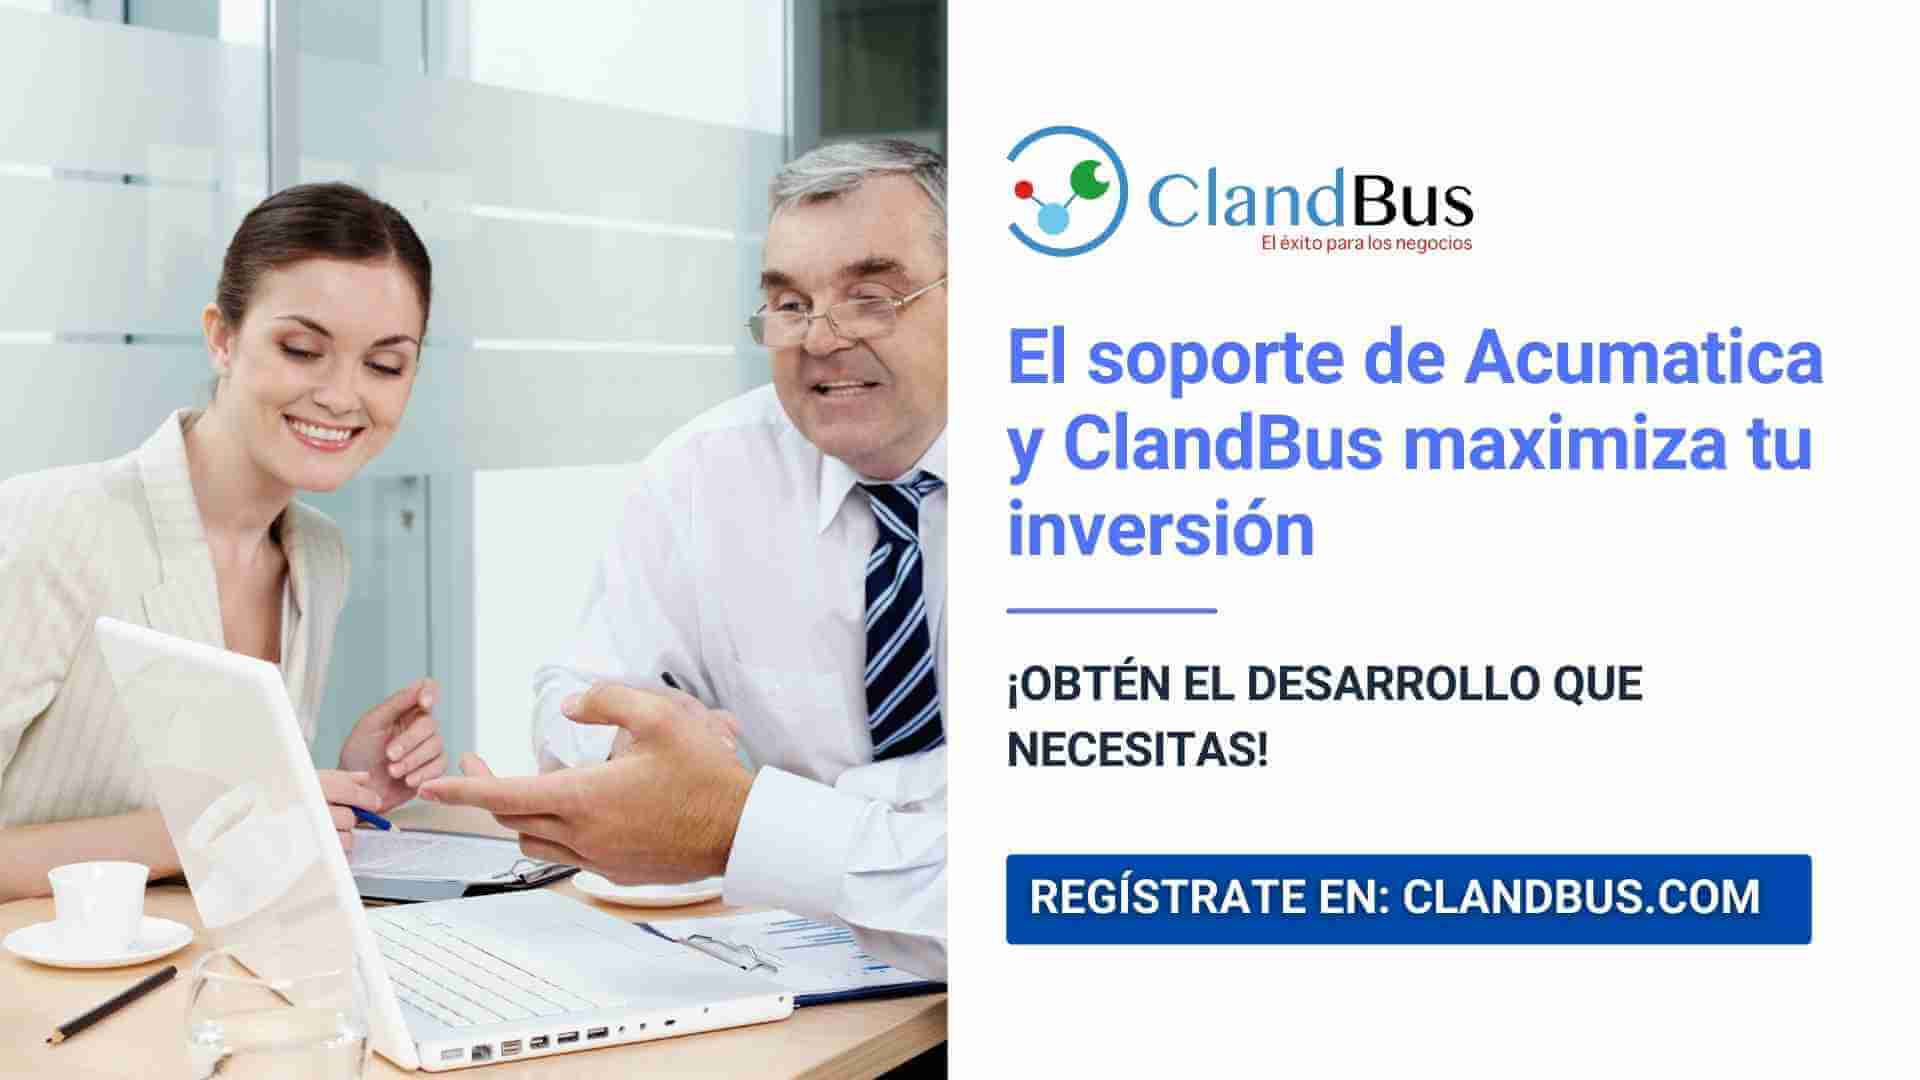 soporte de acumatica - Como el soporte de Acumatica y ClandBus maximiza tu inversión al 200%